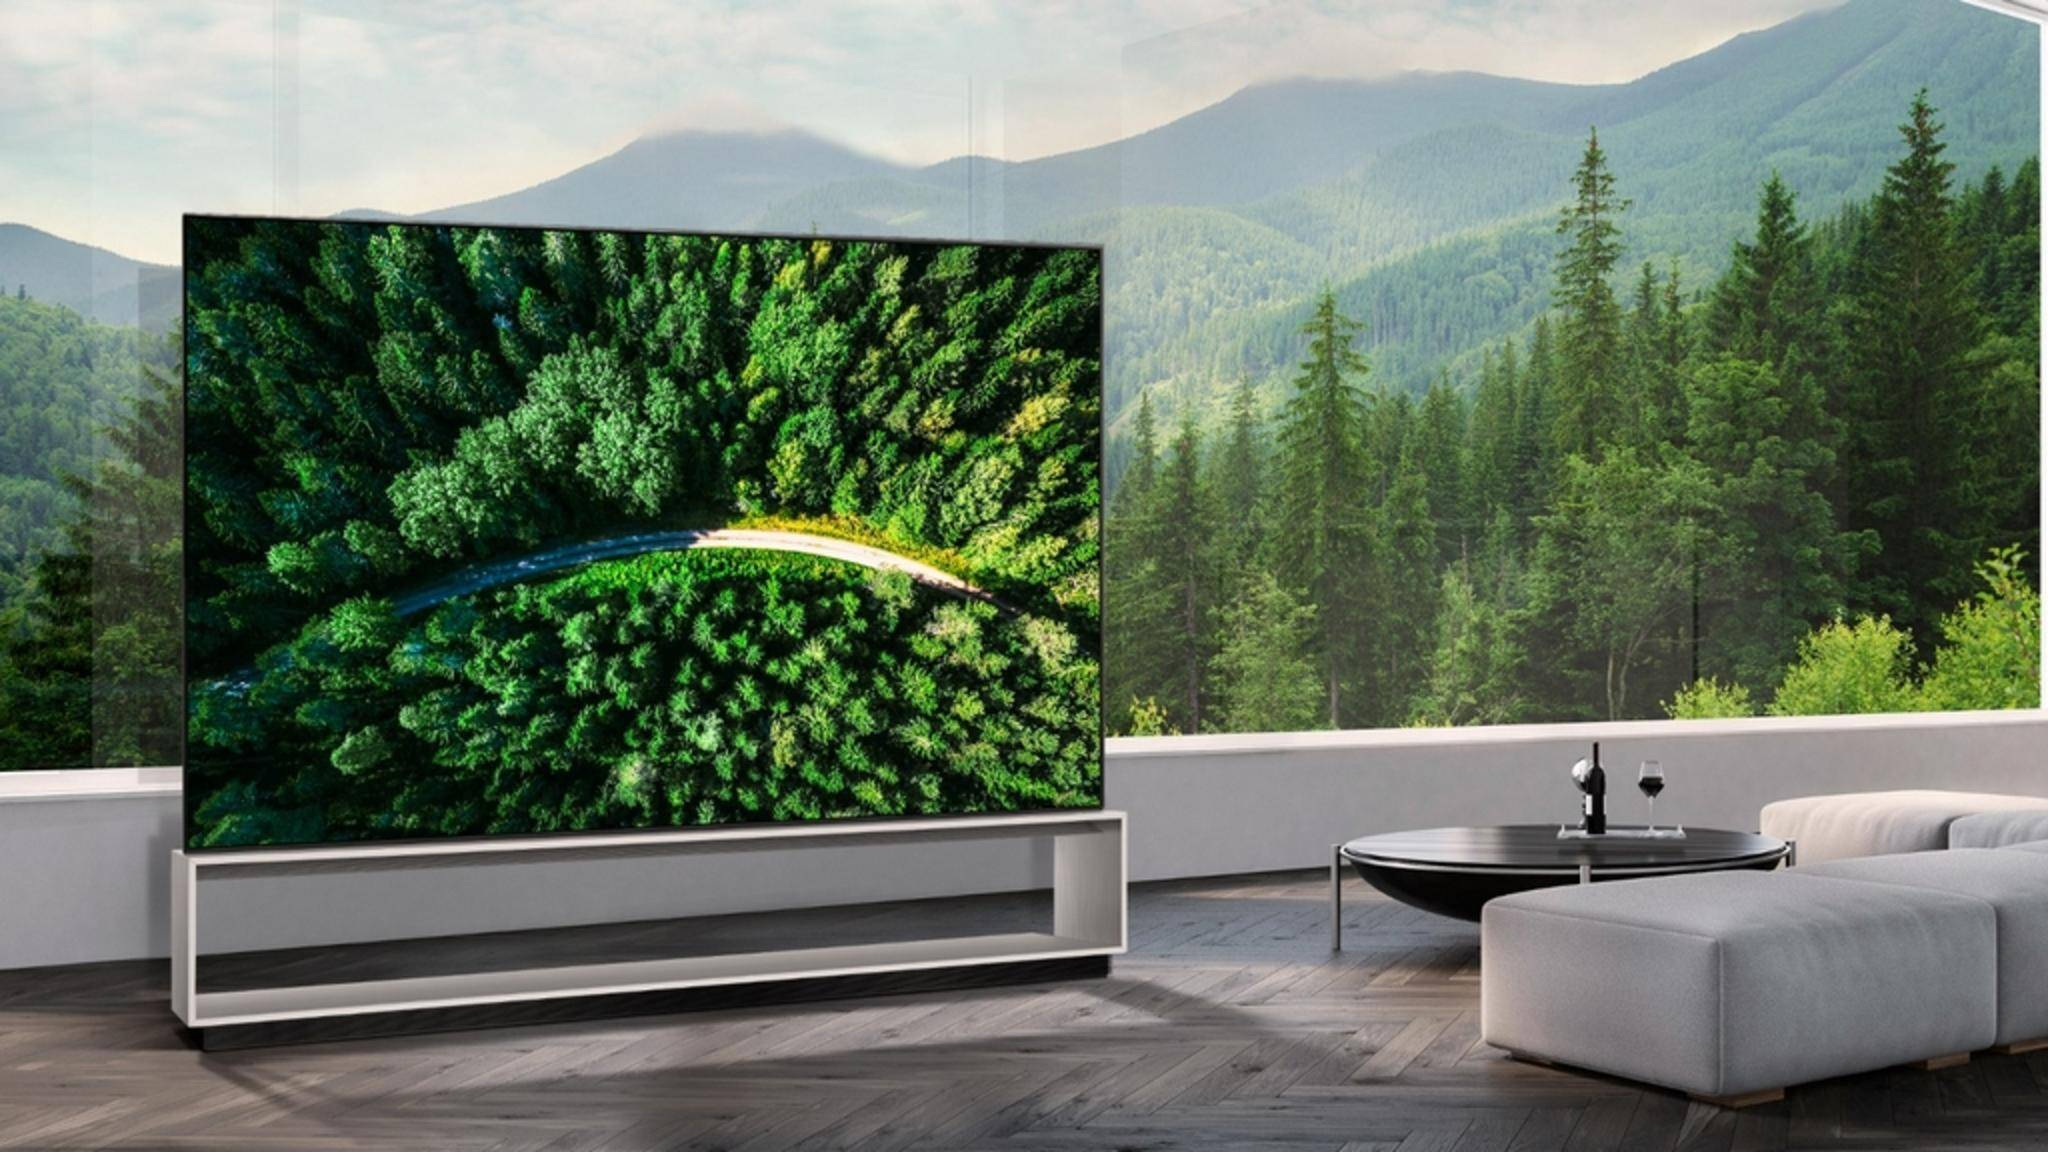 Je größer und hochauflösender der TV, desto wichtiger das Upscaling.